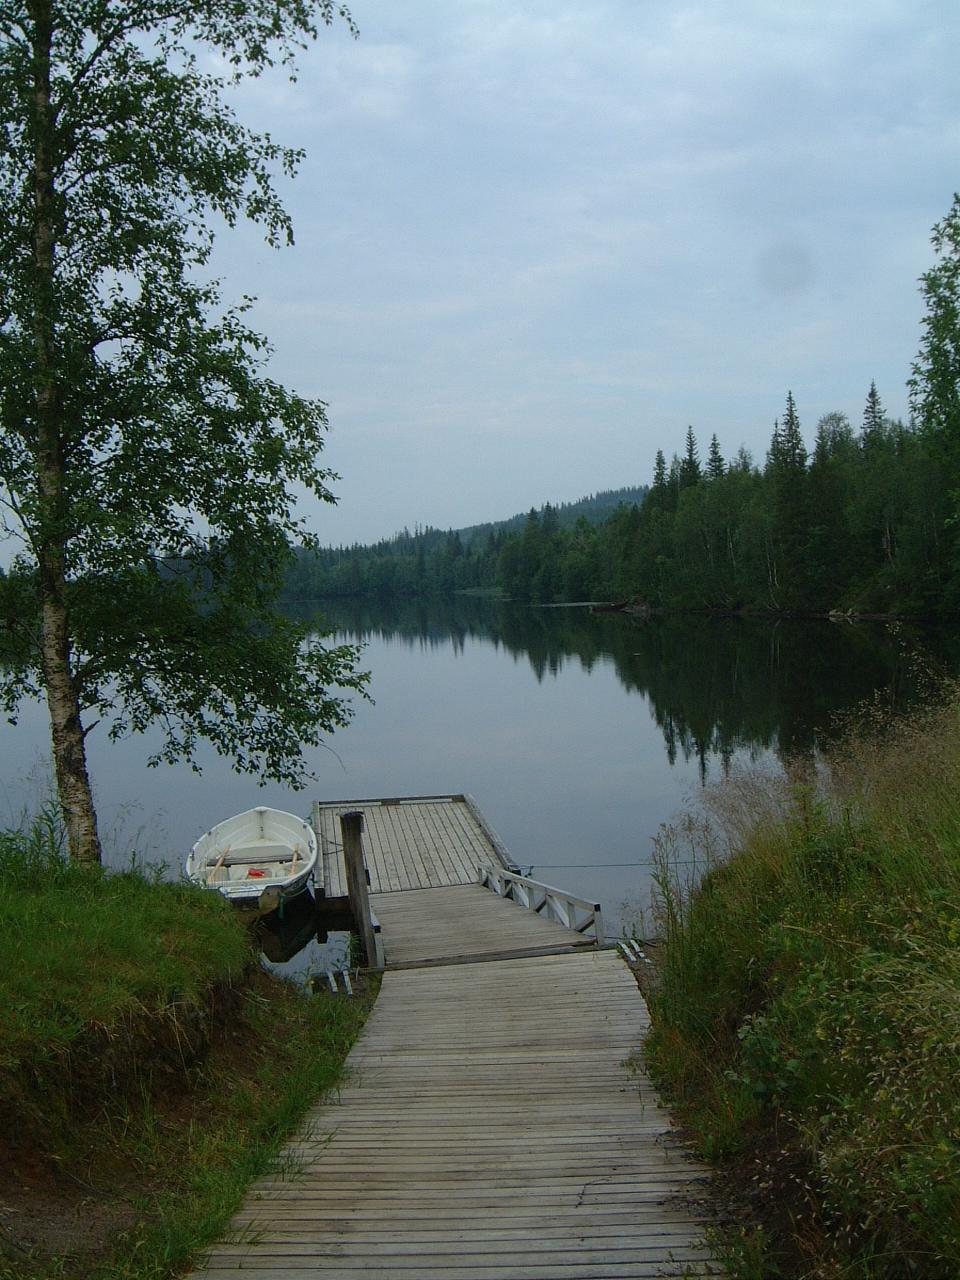 Lustadvatnet, Steinkjer Kommuneskoger, Innherred, hytteutleie, fiske, båt.